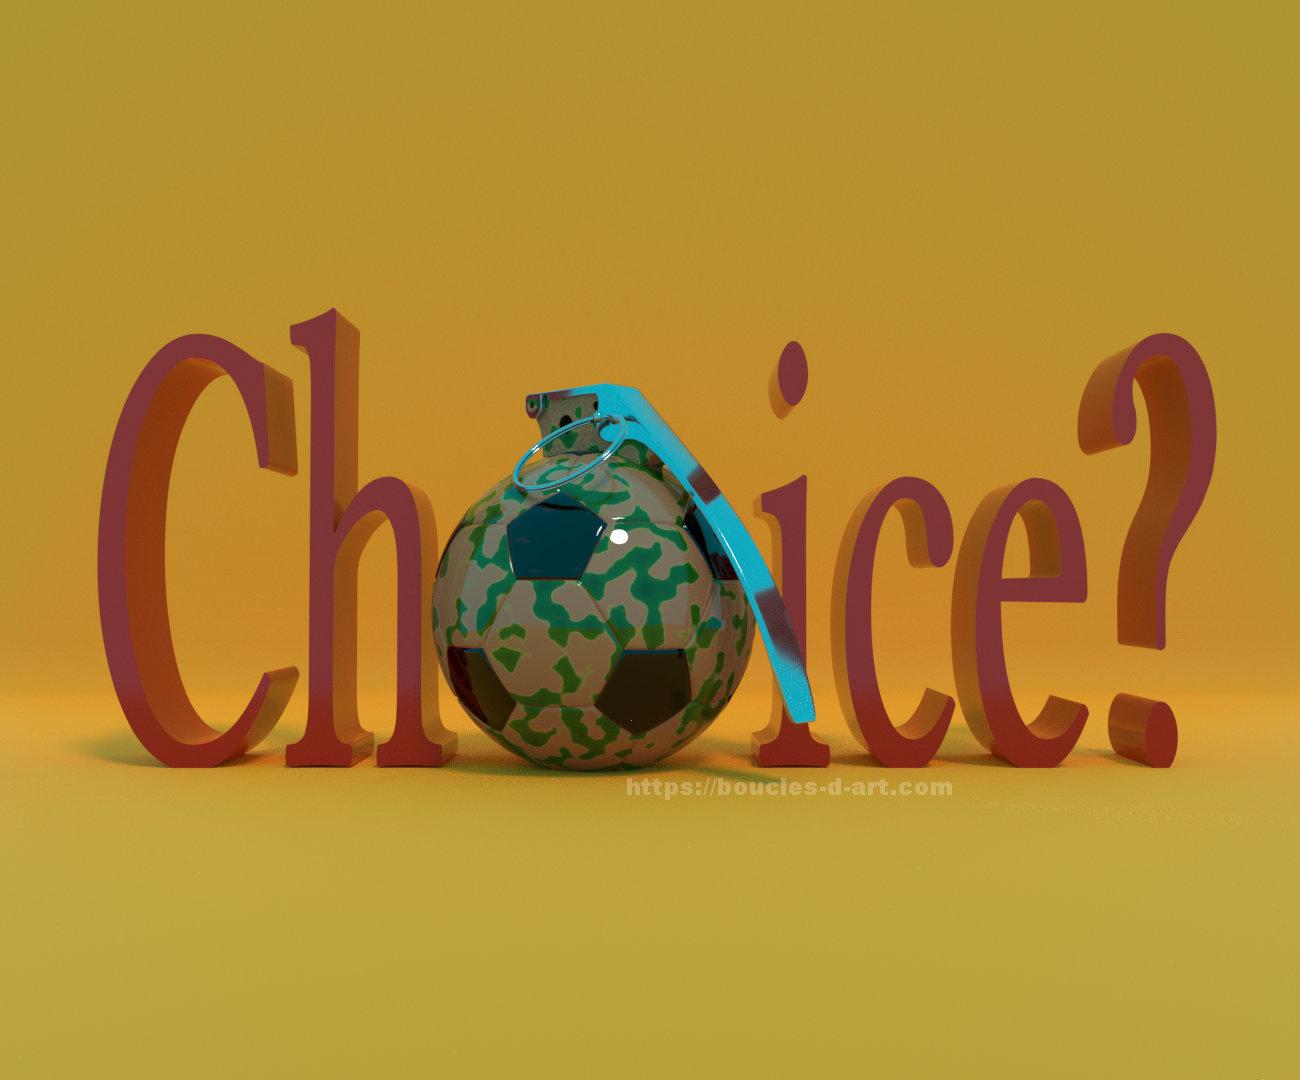 ballon de football en forme de grenade pour symboliser l'absence de choix des humains subissant les guerres